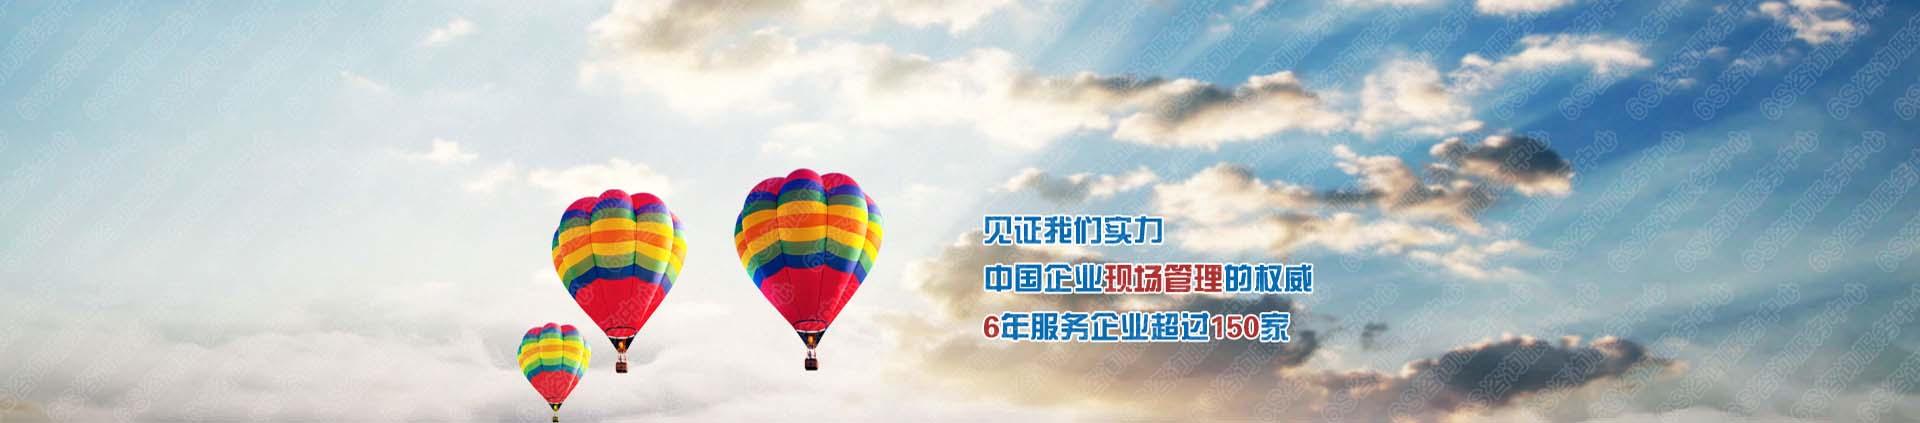 中国企业现场管理的权威